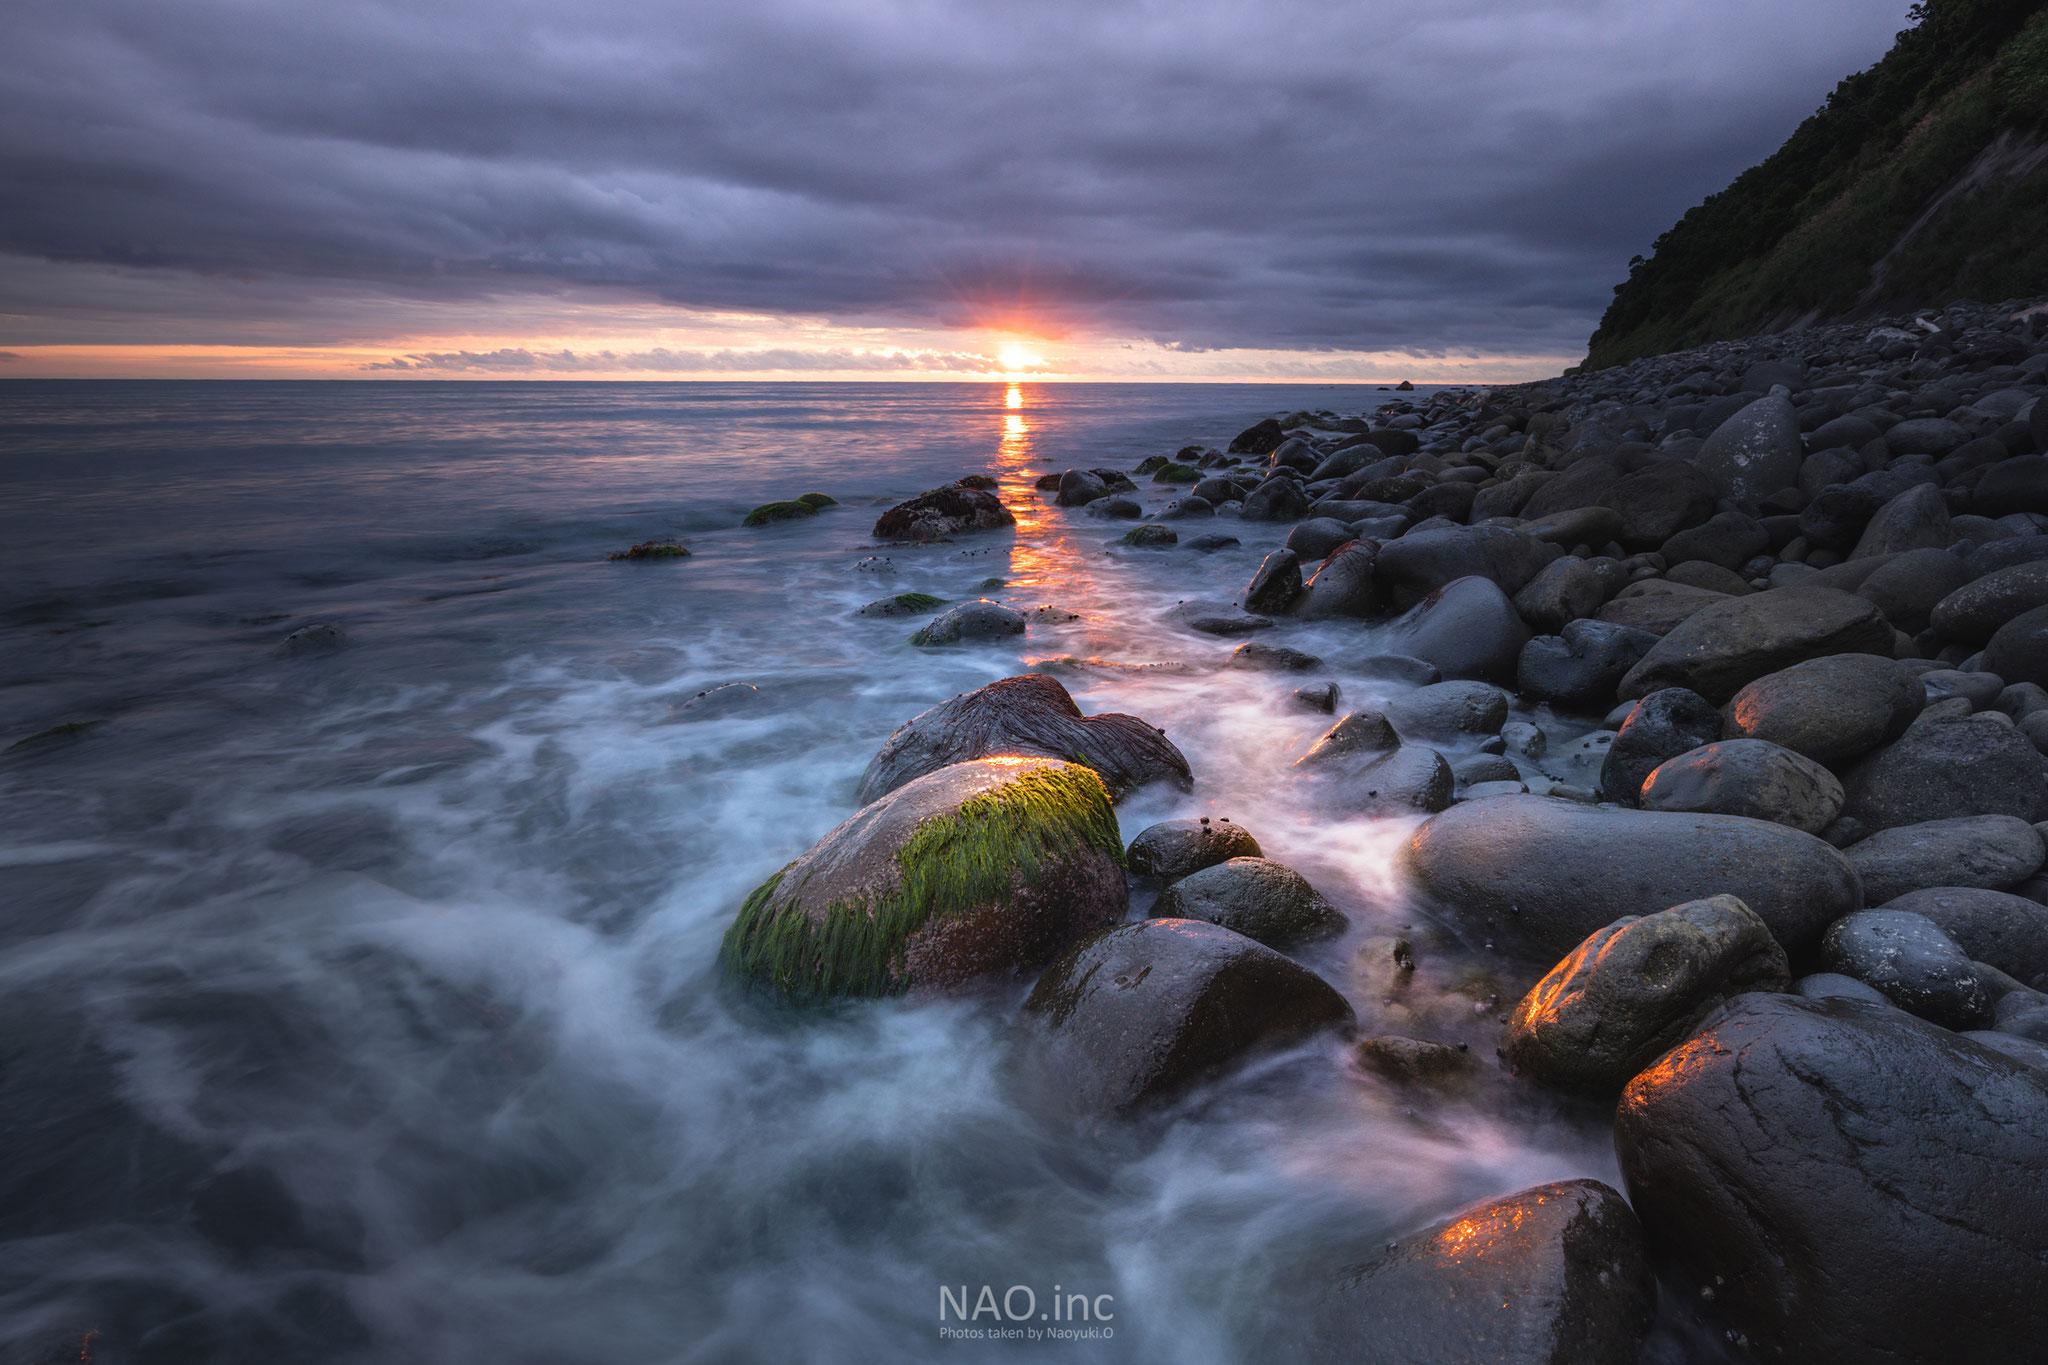 石狩市浜益区。曇り空の狭い隙間から夕日が差し込みドラマチックだった。